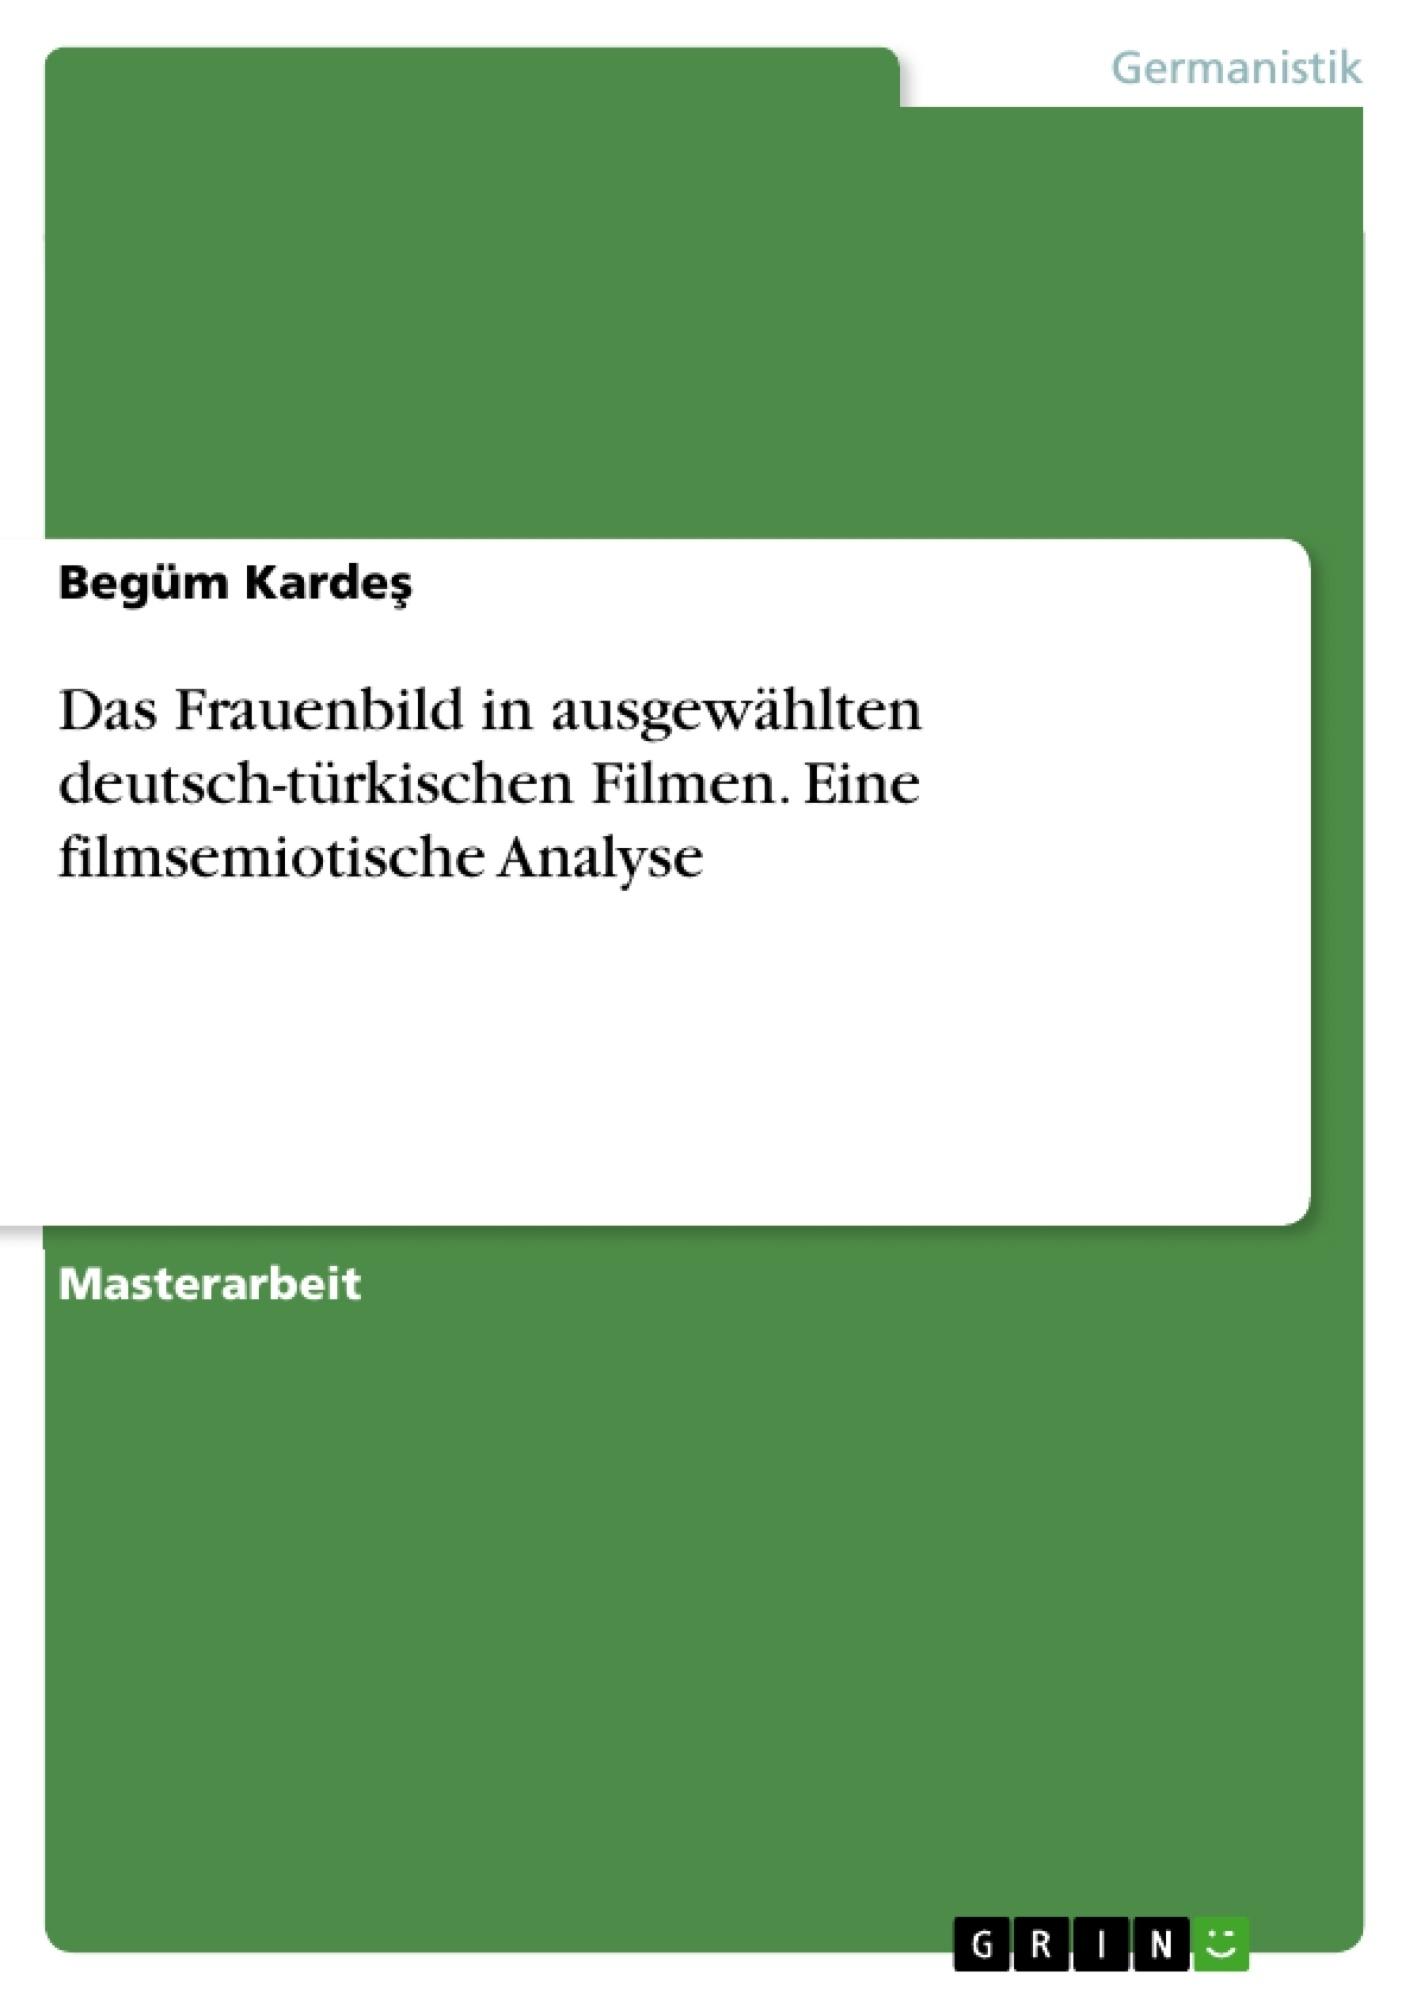 Titel: Das Frauenbild in ausgewählten deutsch-türkischen Filmen. Eine filmsemiotische Analyse